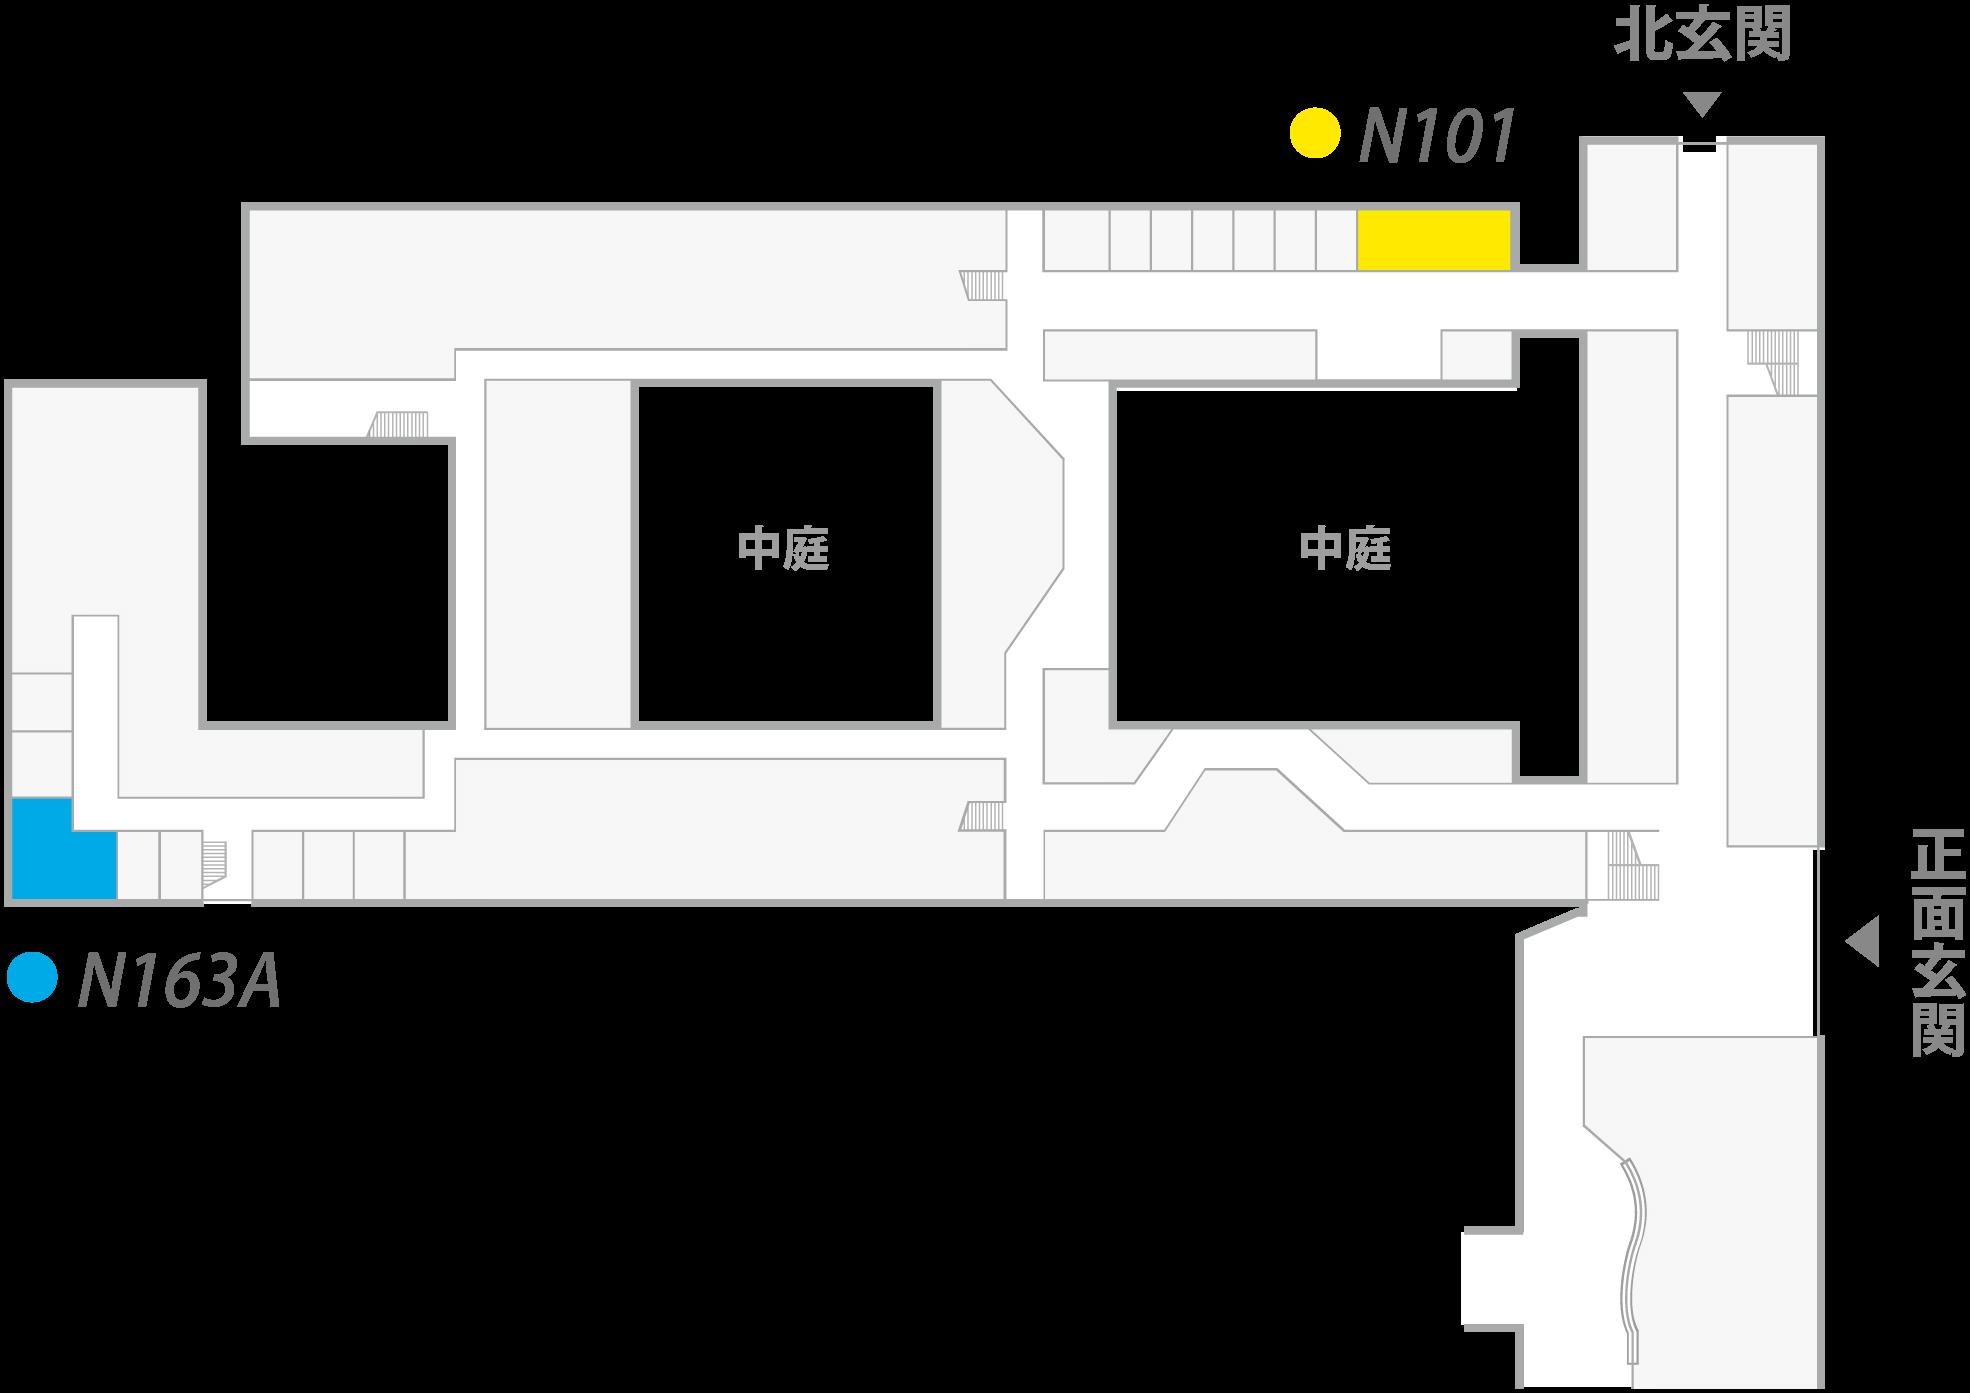 N101:センター本部およびeラーニング部門 N163A:科学技術コミュニケーション教育研究部門(CoSTEP)